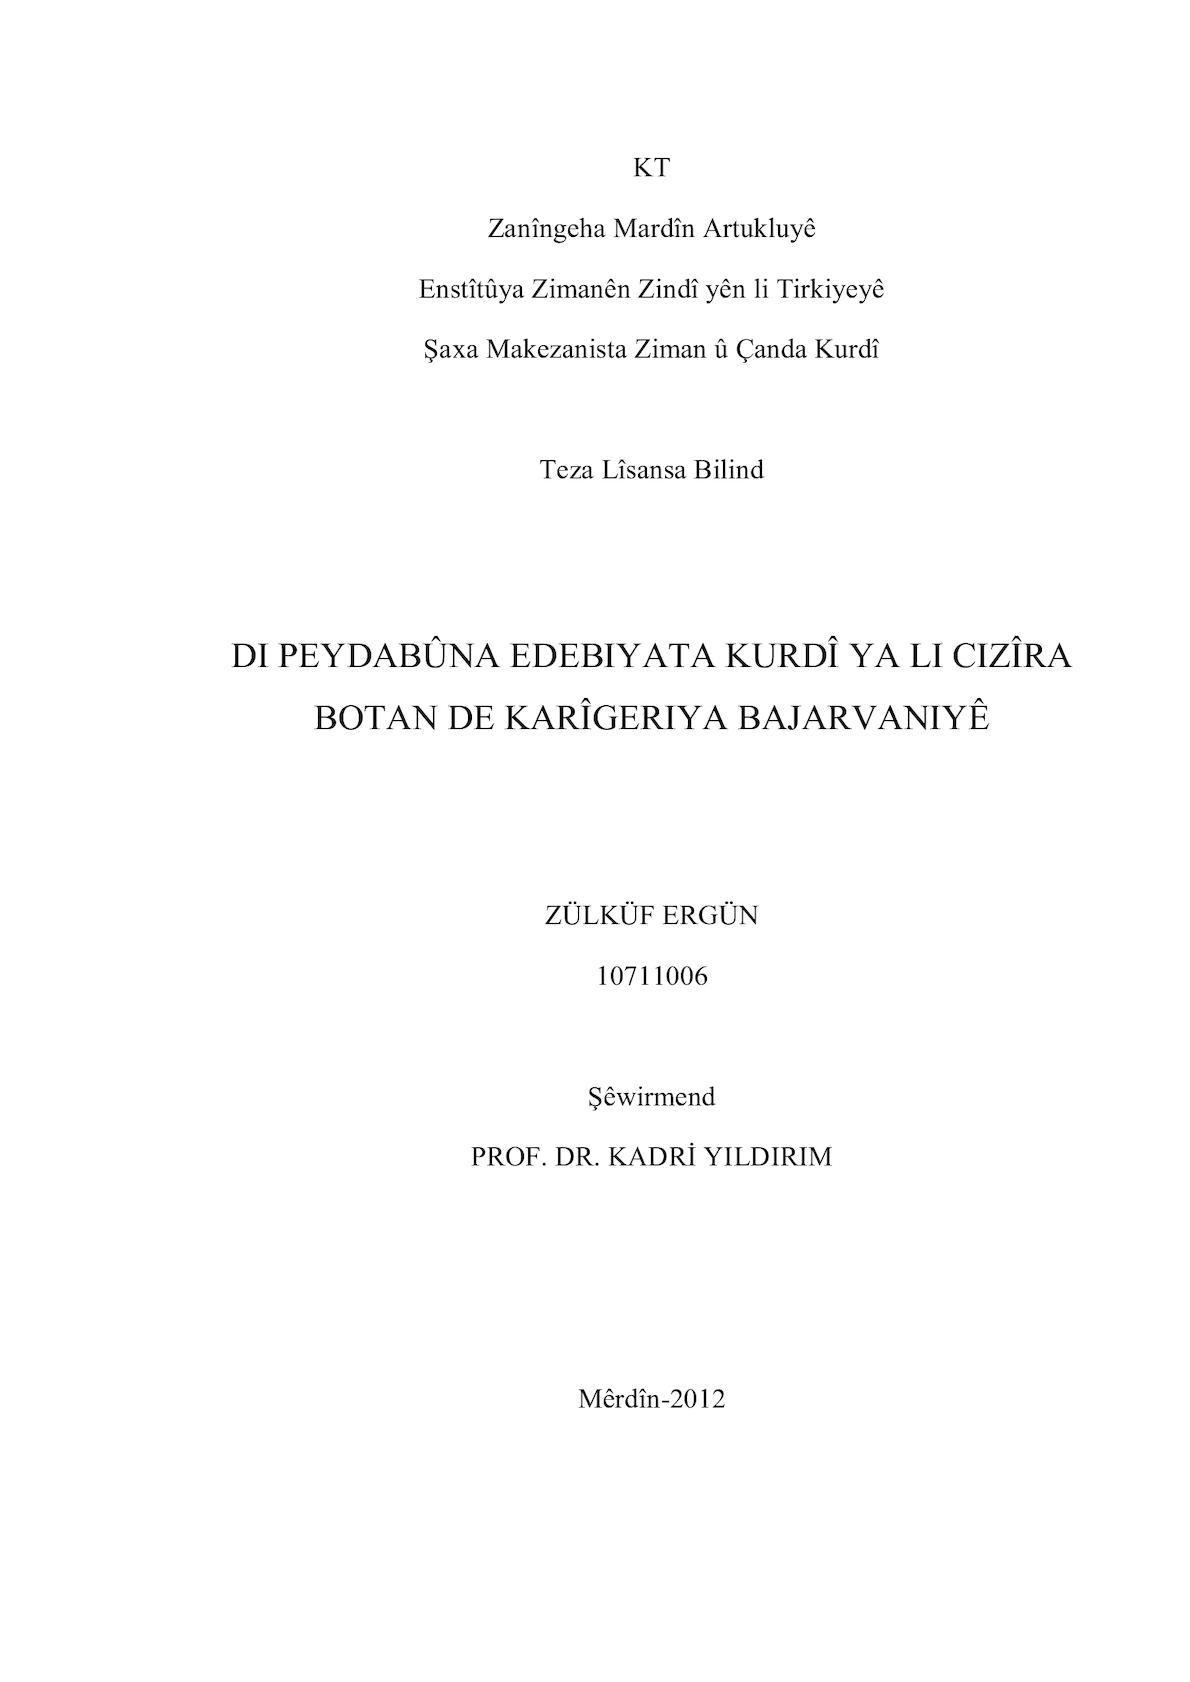 Di Peydabûna Edebiyata Kurdî Ya Li Cizîra Botan De Karîgeriya Bajarvaniyê.